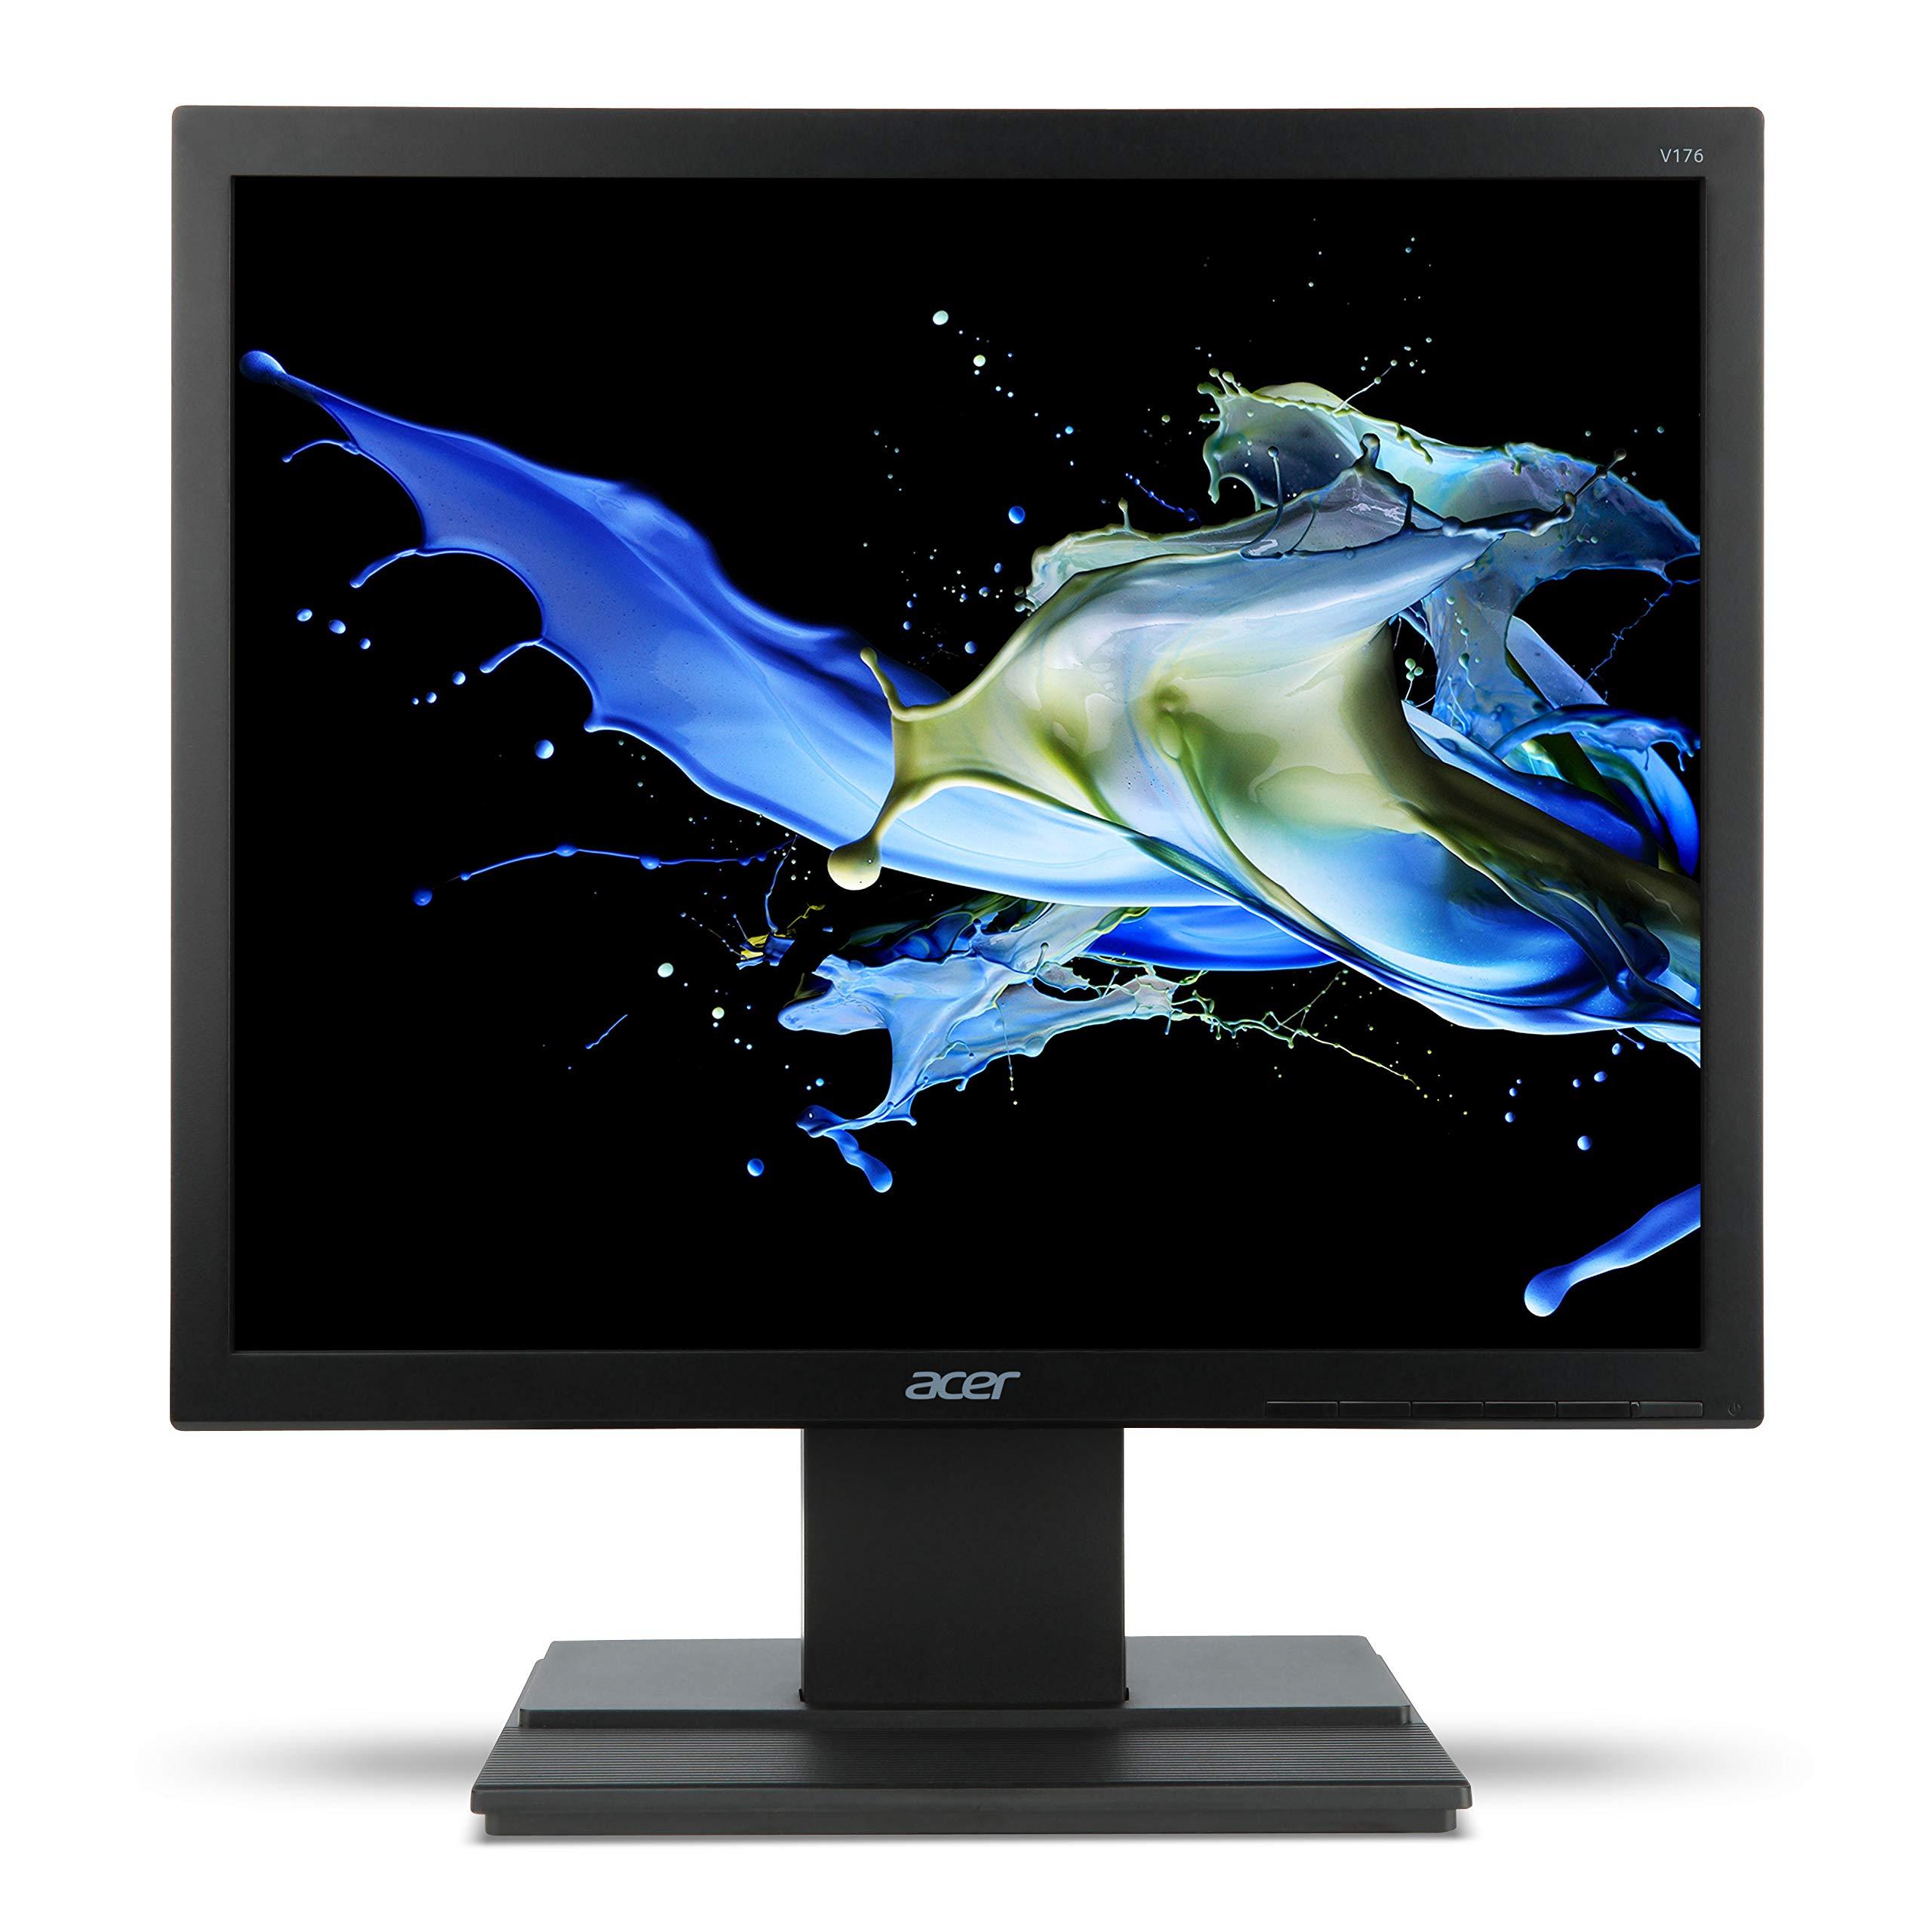 Acer Essential - Monitor de 17